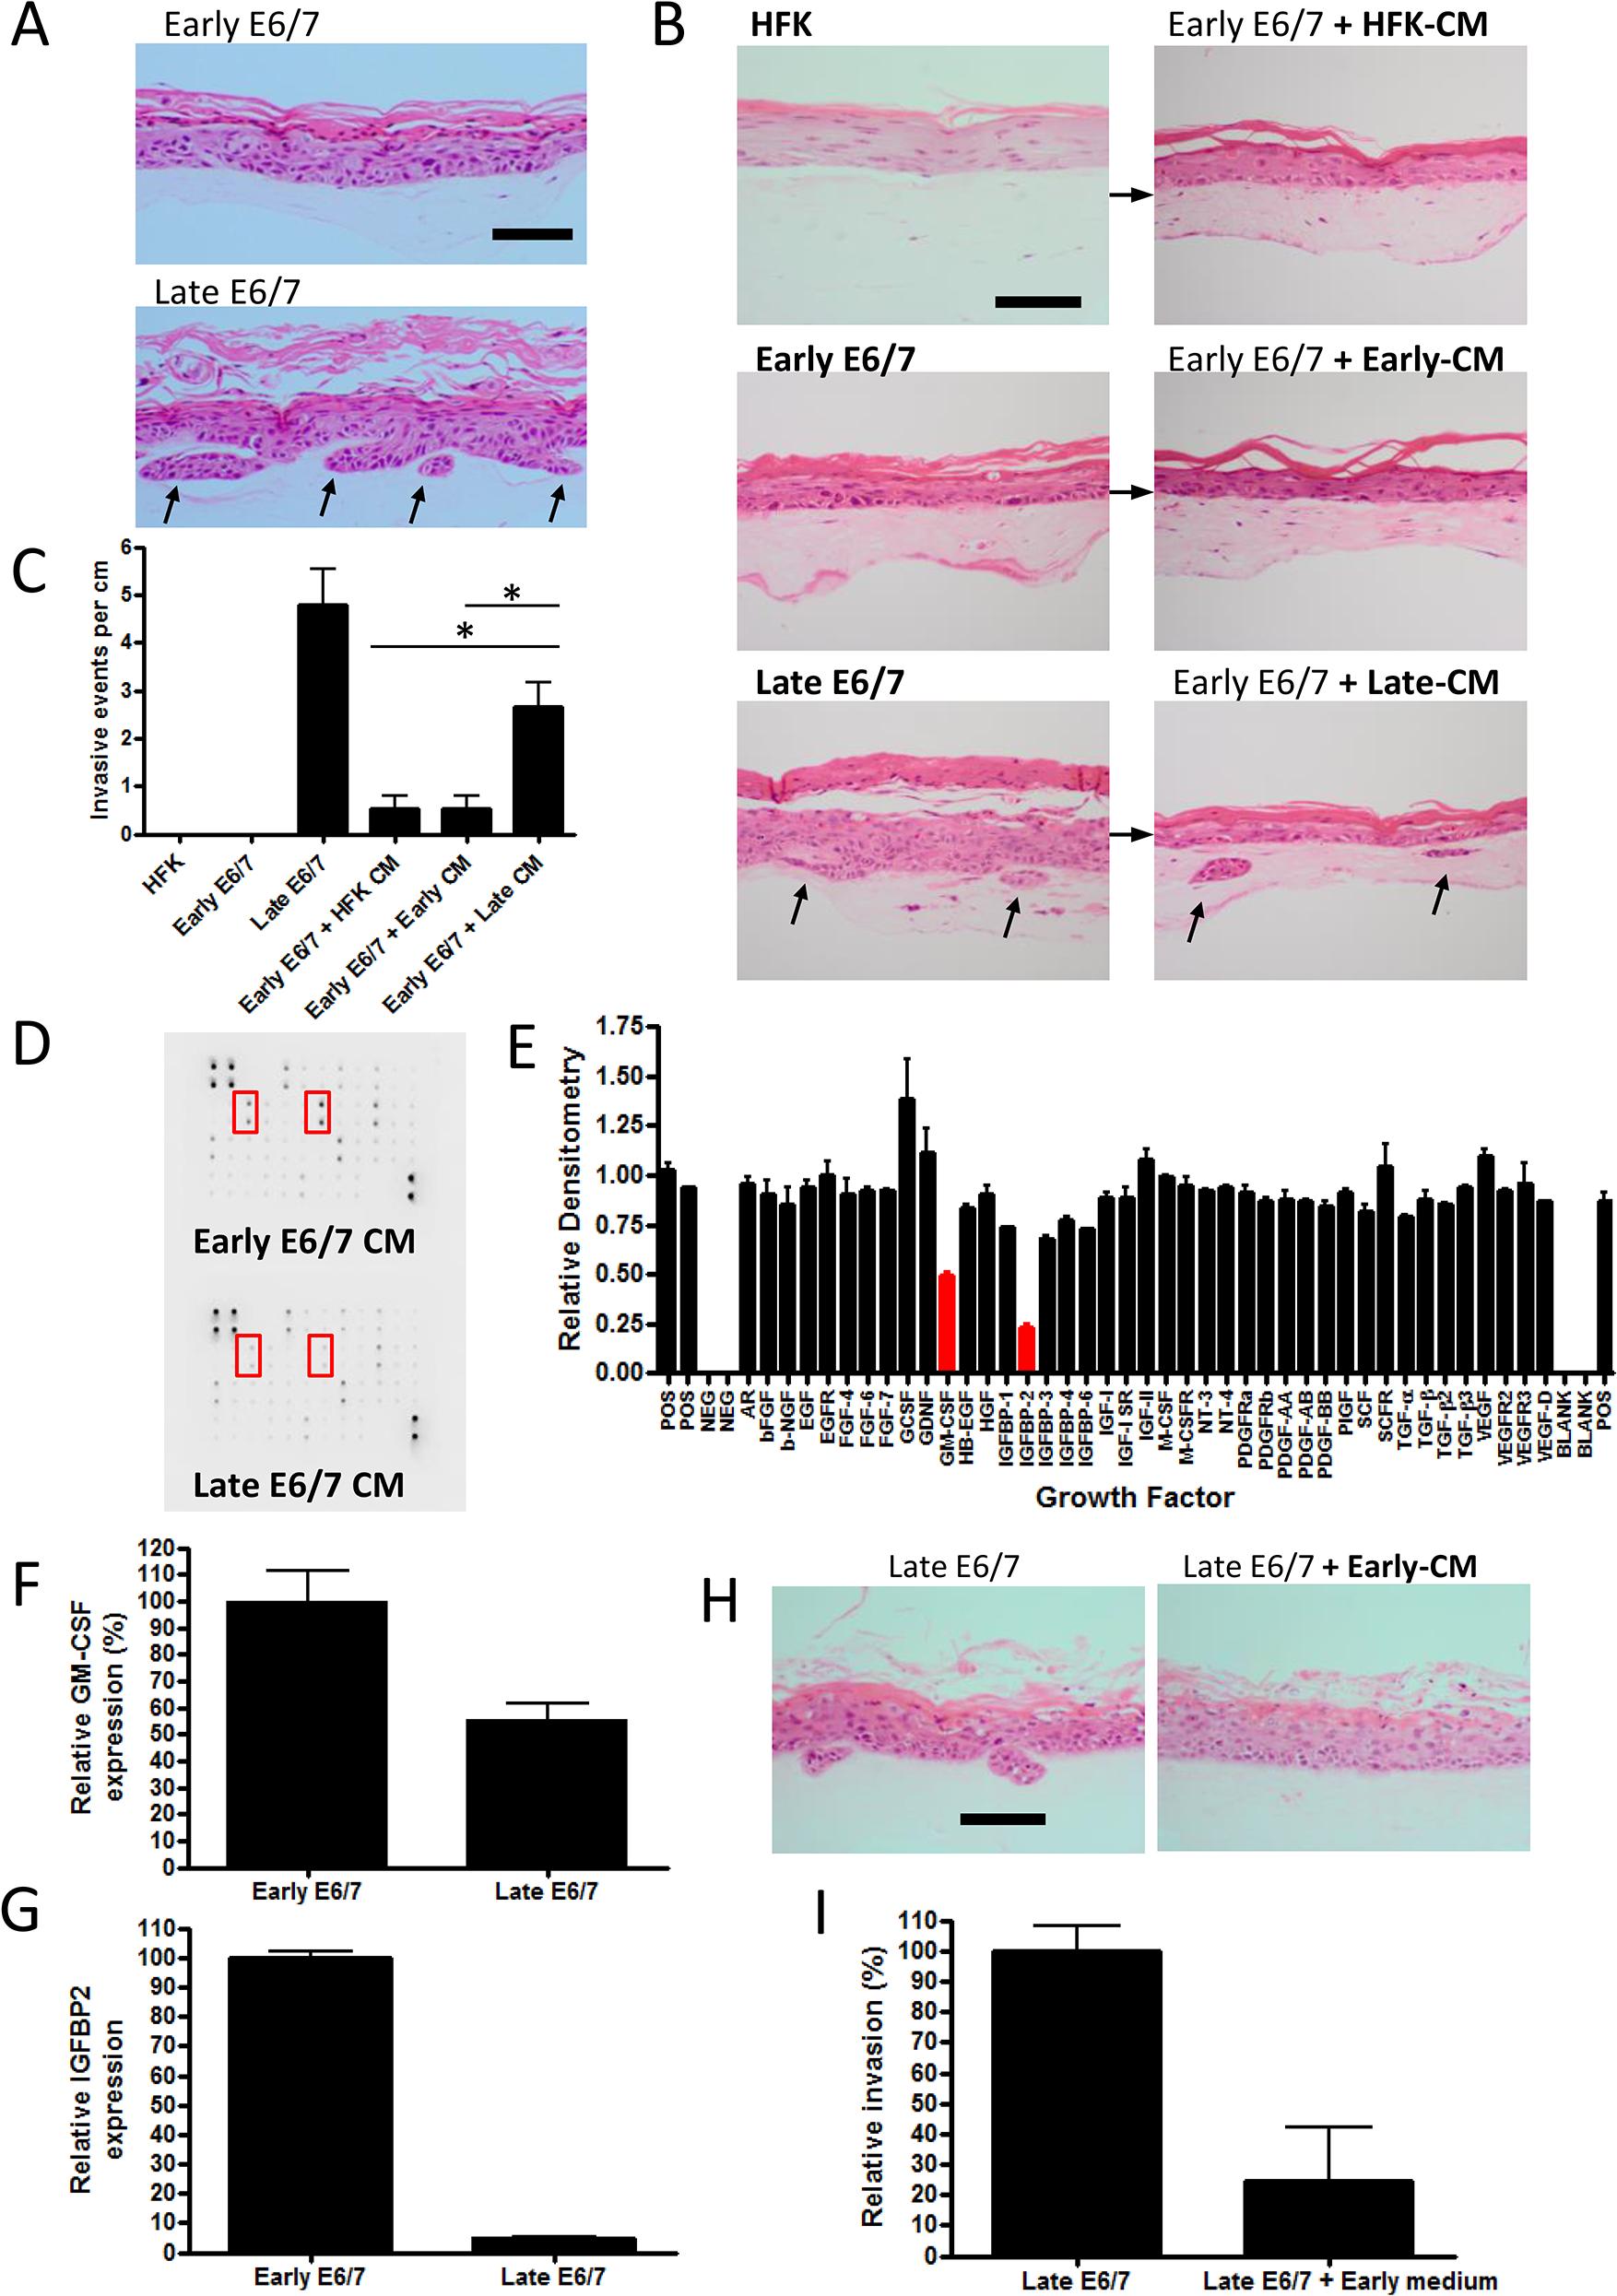 Prolonged passage of HPV16 E6/7 immortalised keratinocytes generates an invasive epithelium.